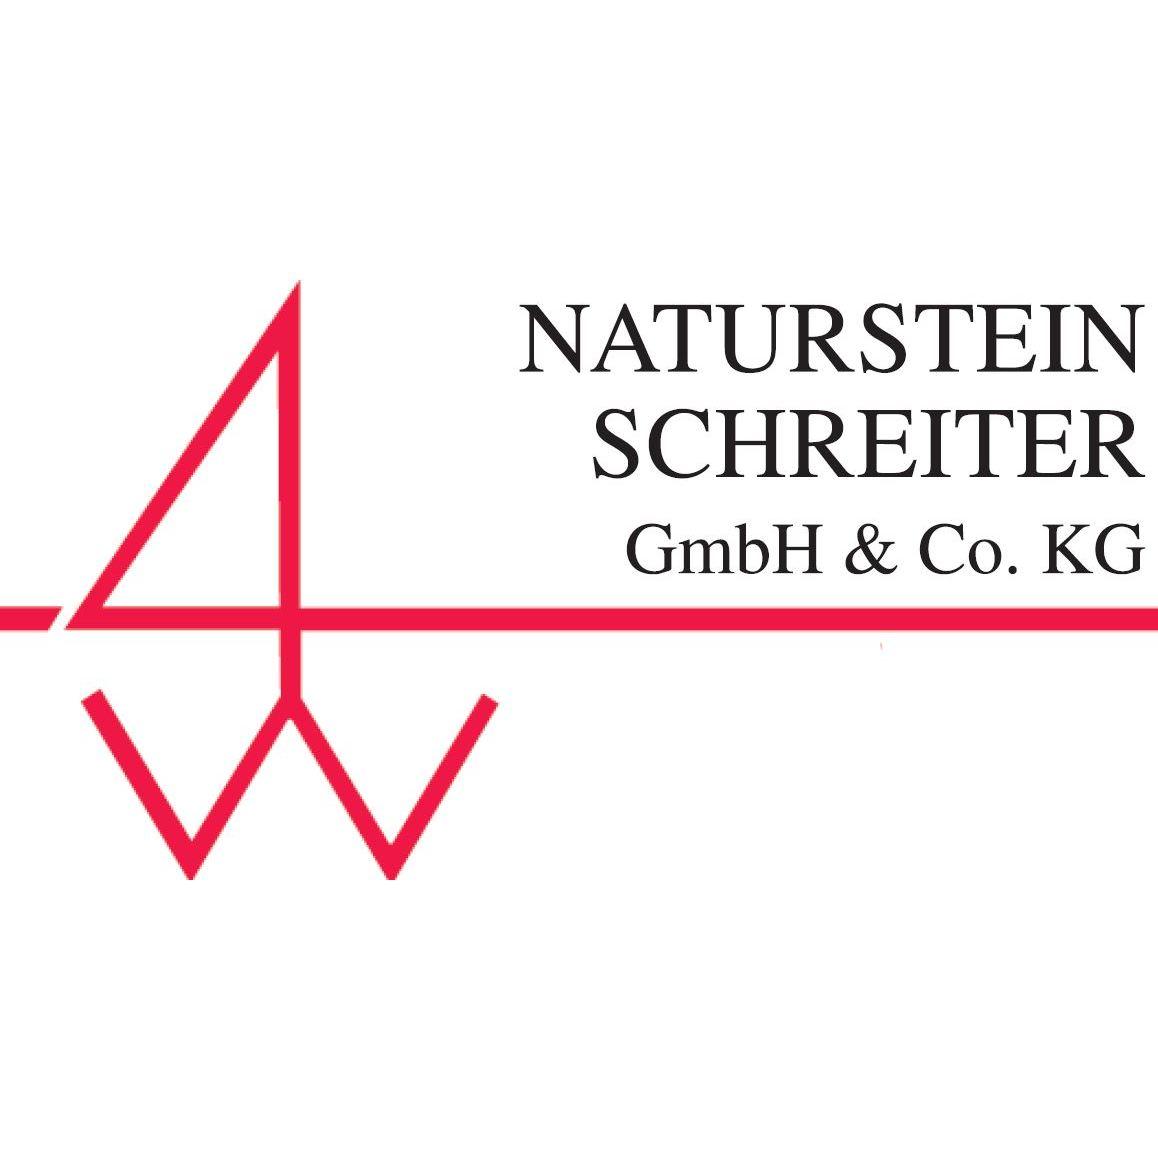 naturstein schreiter gmbh co kg in n rnberg branchenbuch deutschland. Black Bedroom Furniture Sets. Home Design Ideas